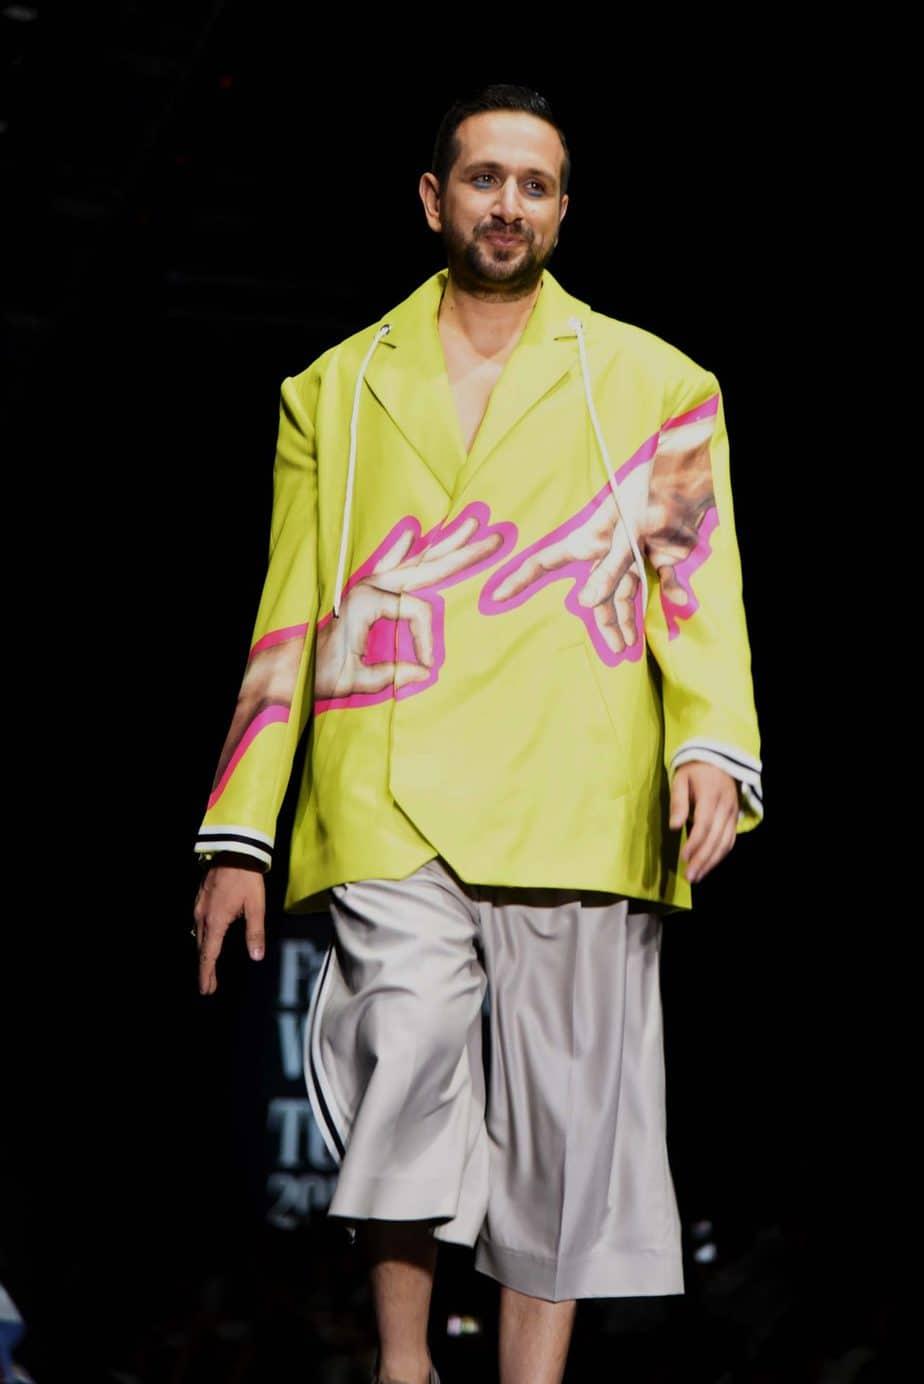 שנקר. שבוע האופנה תל אביב 2019. צילום לימור יערי - 8